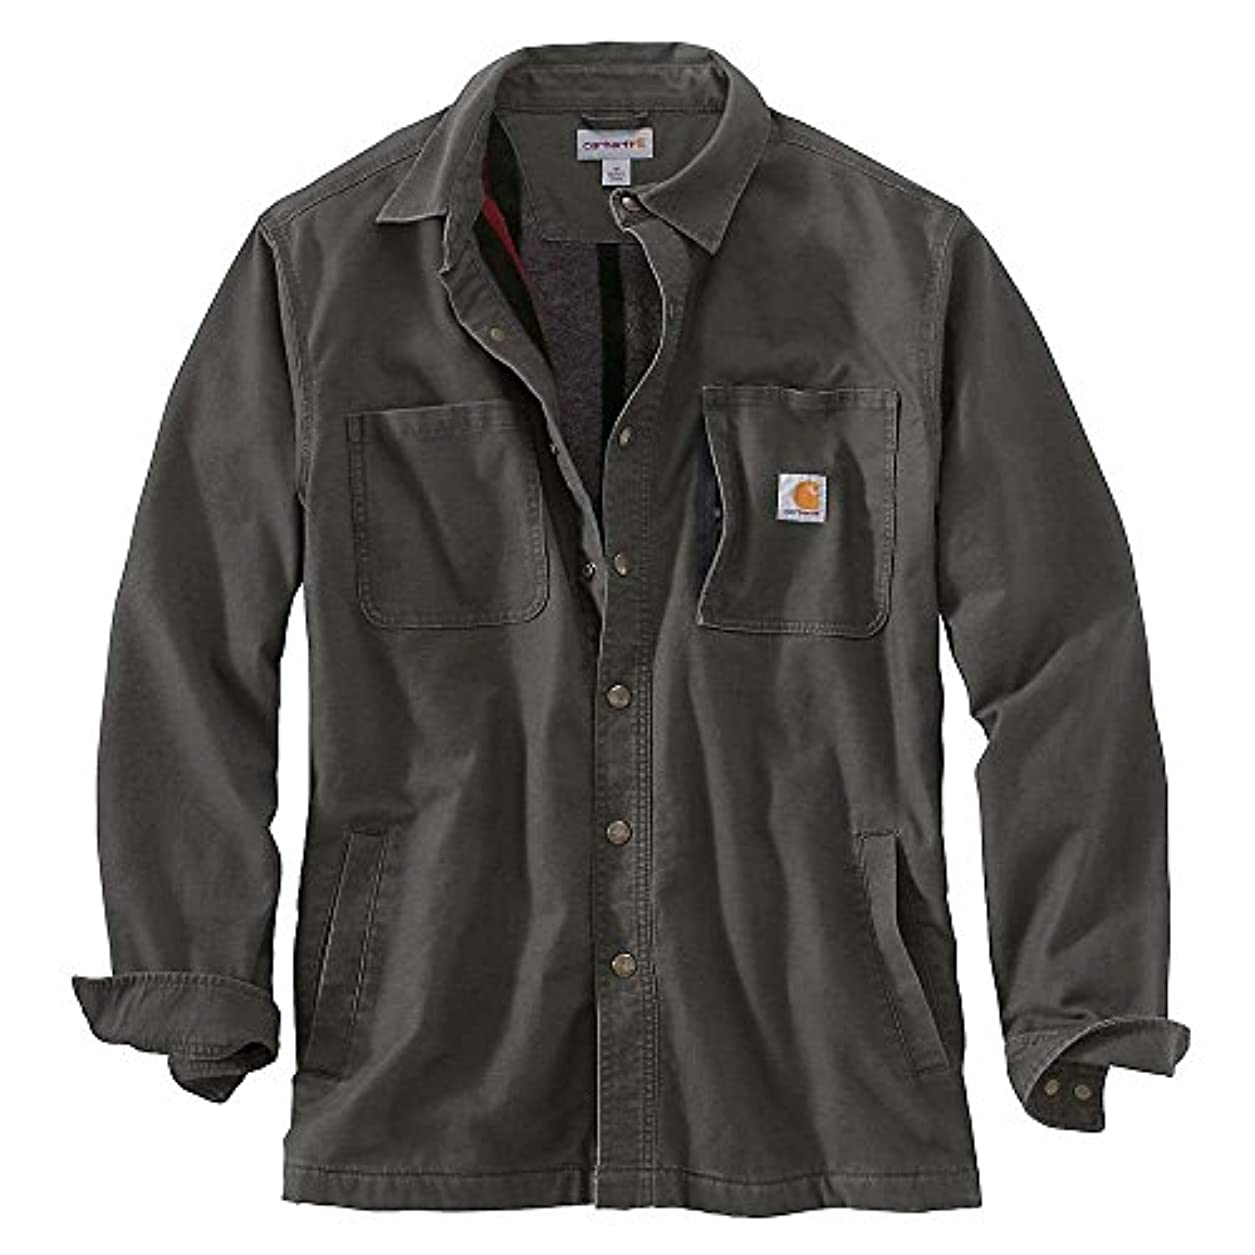 役員負毎日カーハート トップス シャツ Carhartt Men's Rugged Flex Rigby Shirt J Peat 540 [並行輸入品]